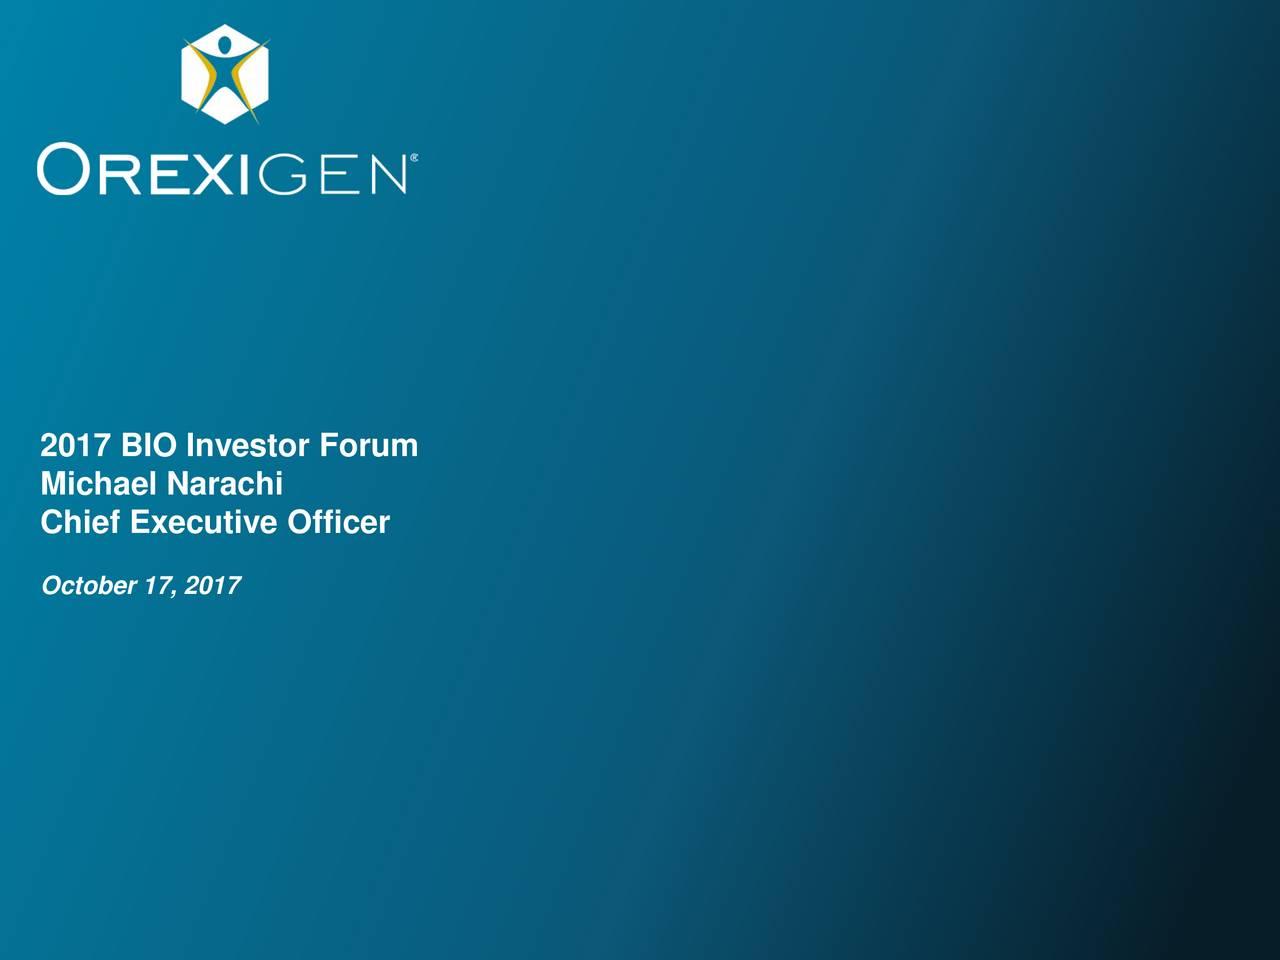 Orexigen Therapeutics (OREX) Presents At 2017 BIO Investor